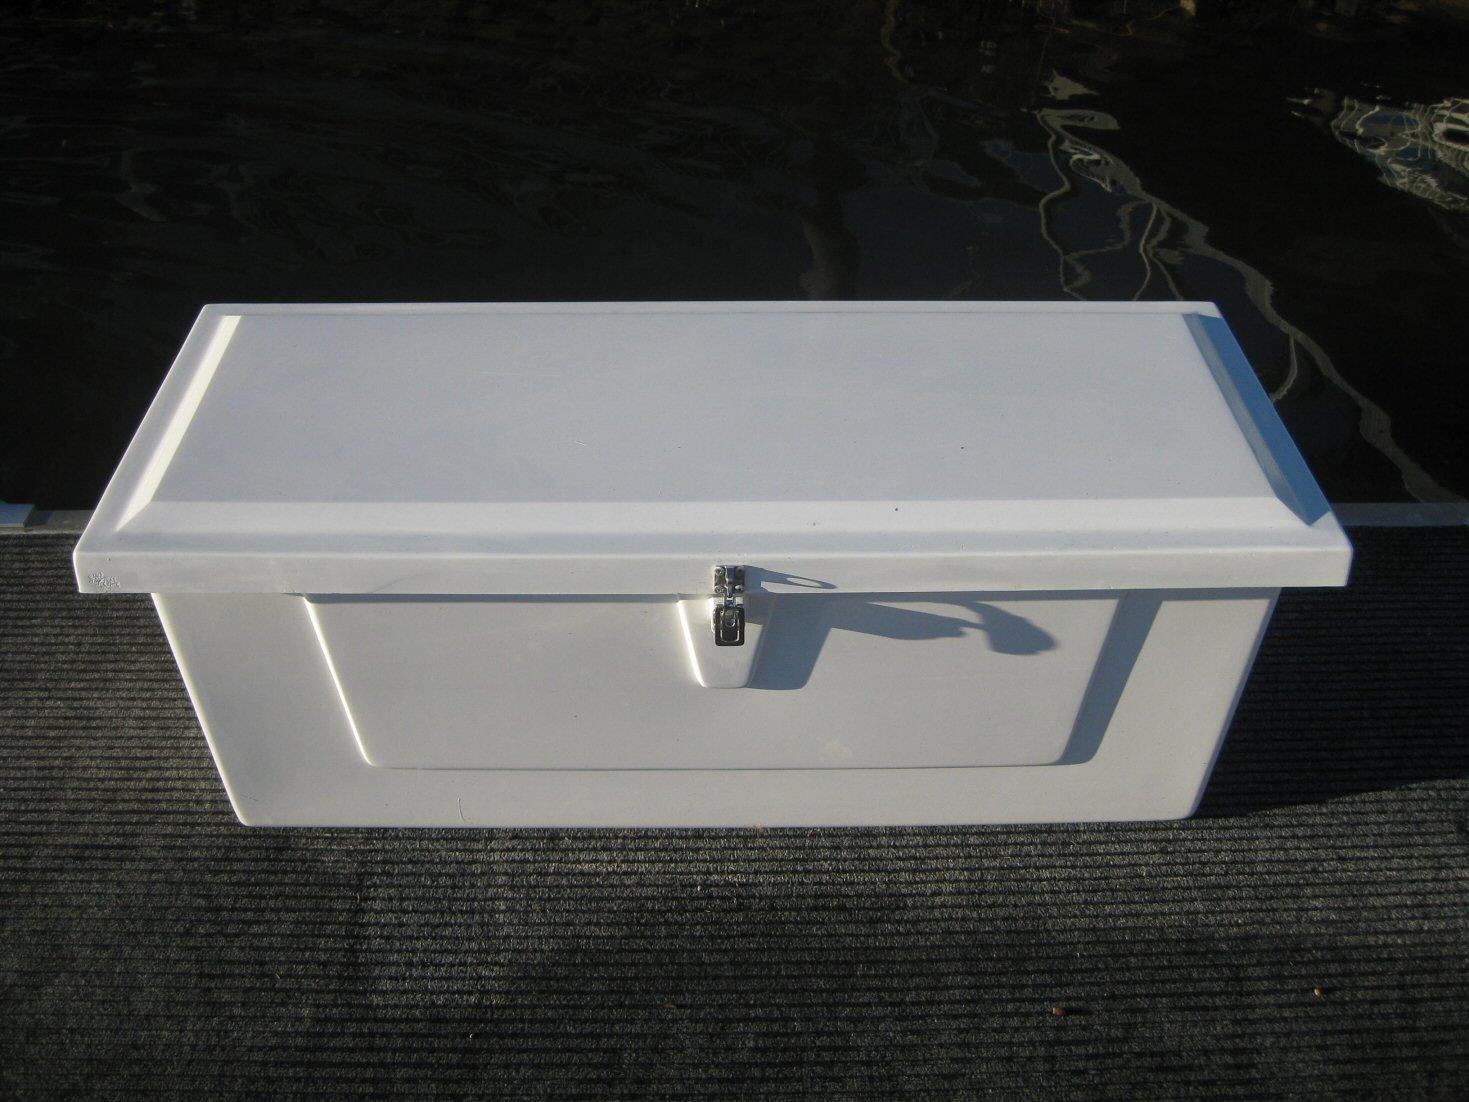 Fibreglass 4 Leisure   Pool Storage Box Downsized For Emailing  Fibreglass4leisure ...